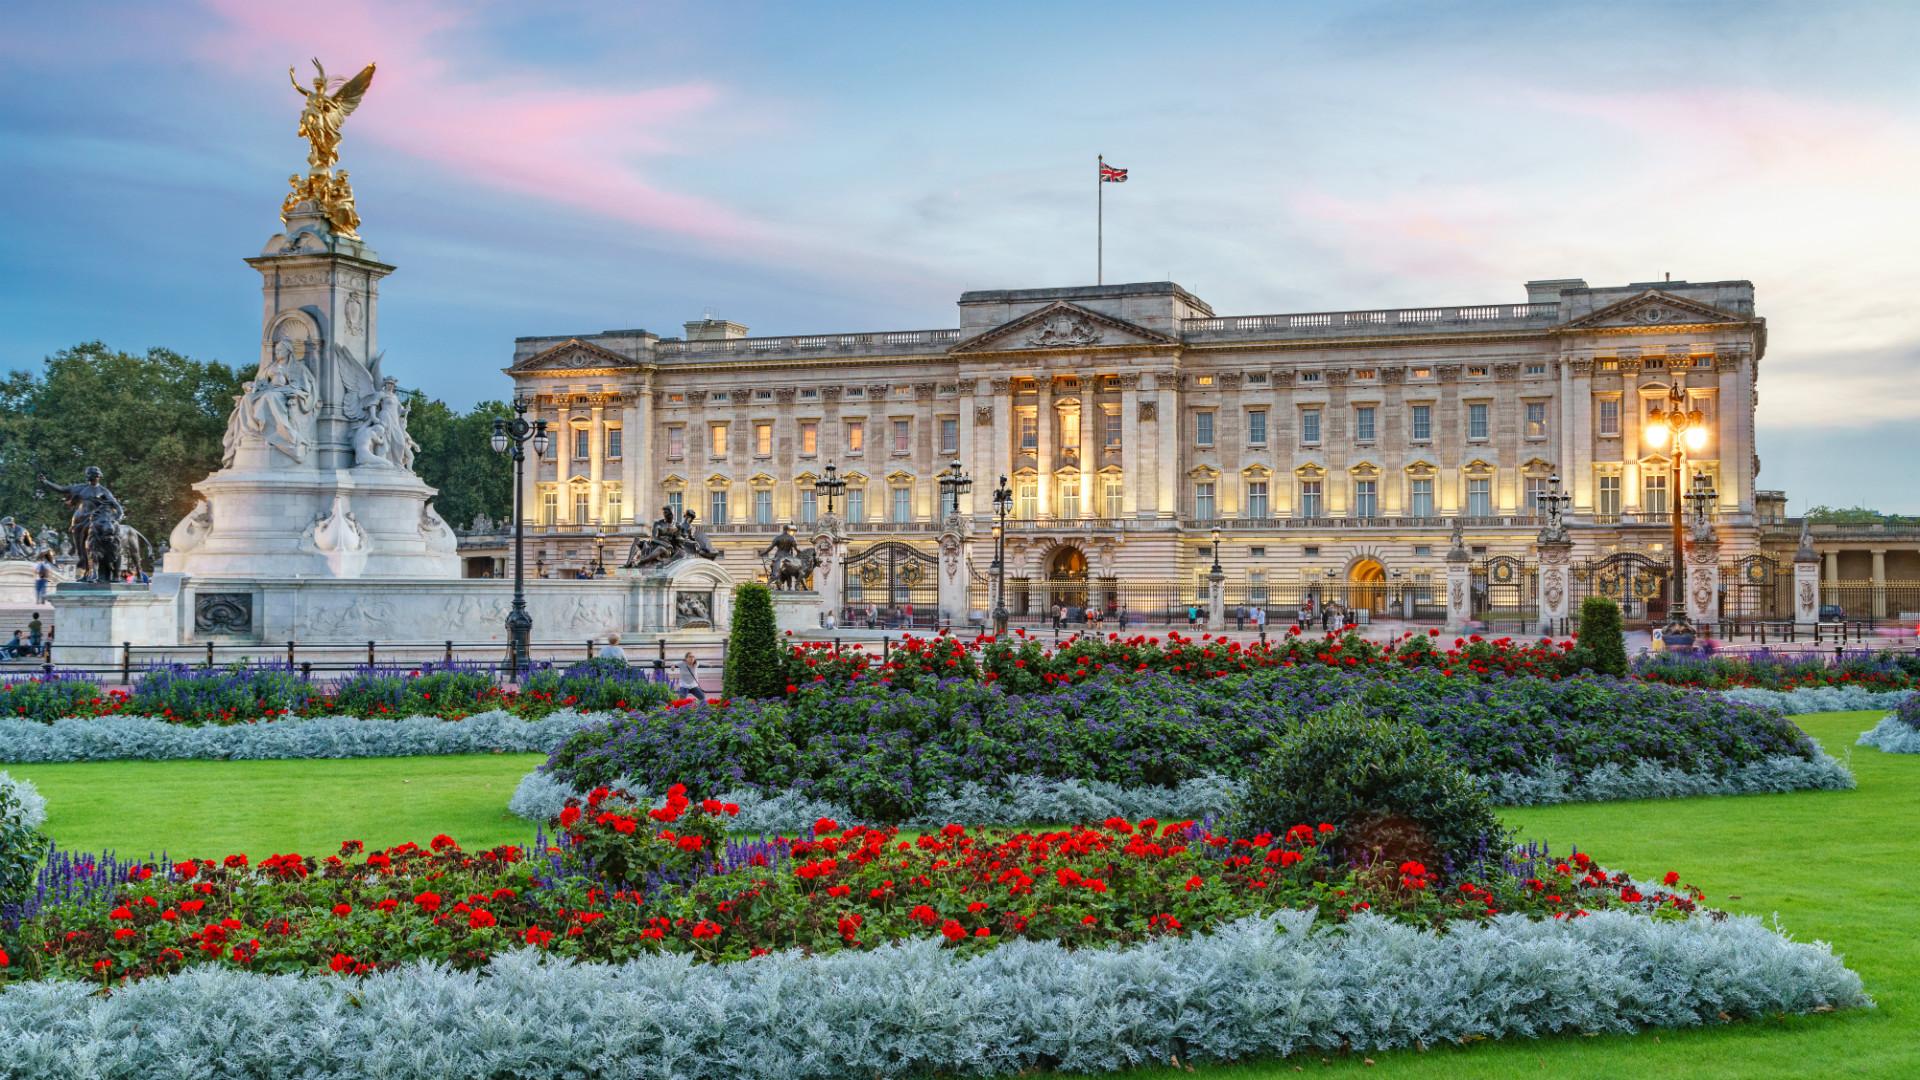 Buckingham Palace at sunset